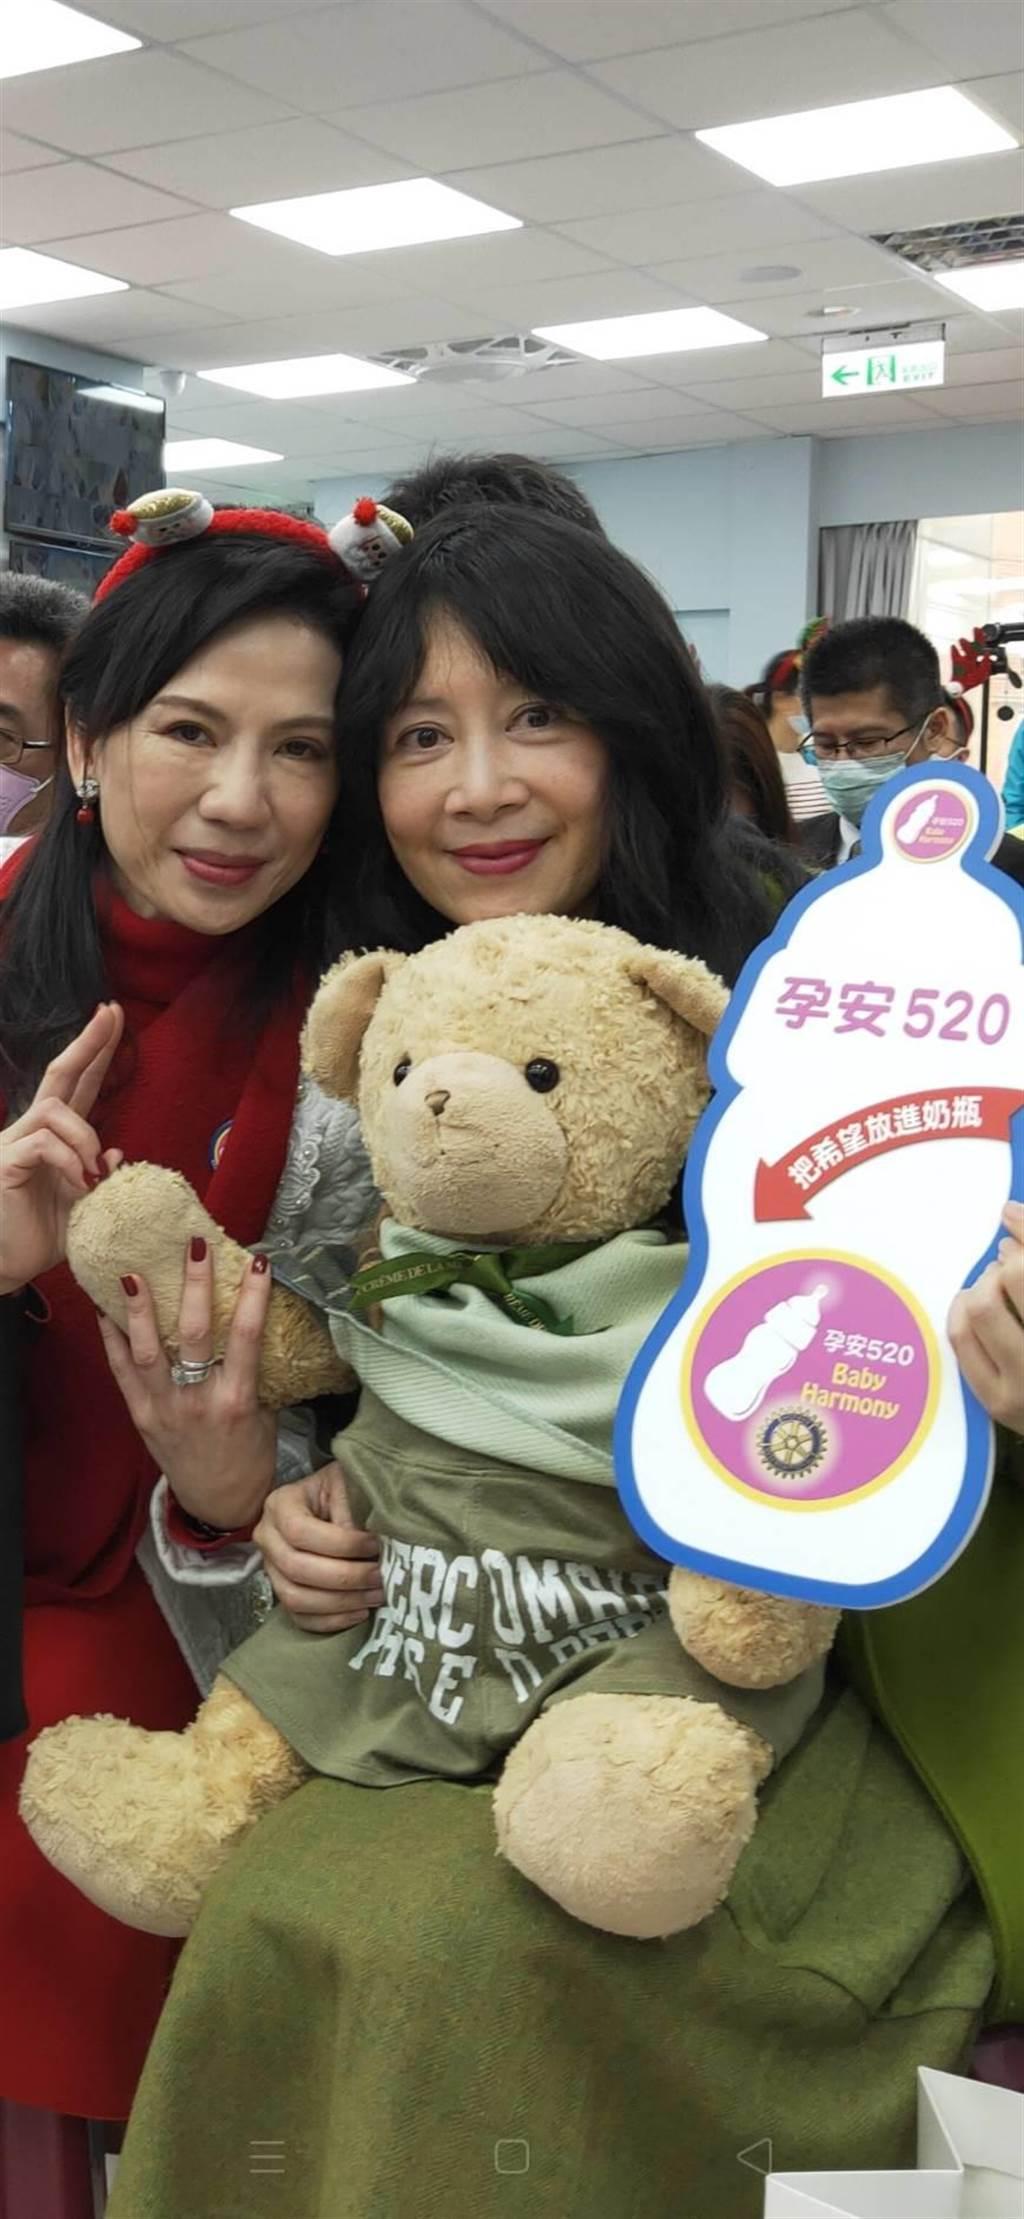 蕭裔芬今年擔任關愛之家代言人,過去蕭敬騰、崔佩儀,也曾為關愛之家代言。(主辦單位提供)